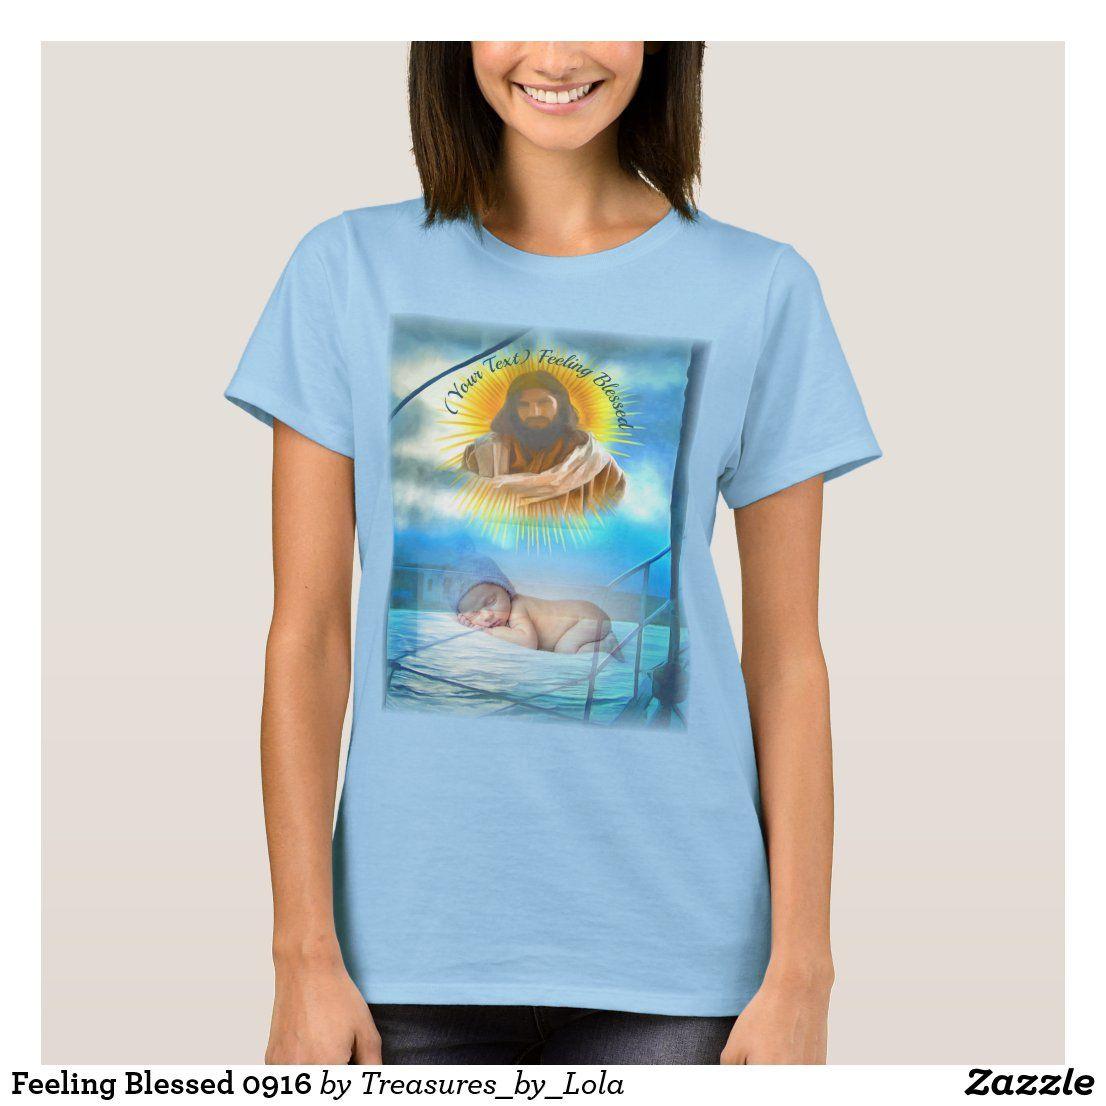 Feeling Blessed 0916 T-Shirt